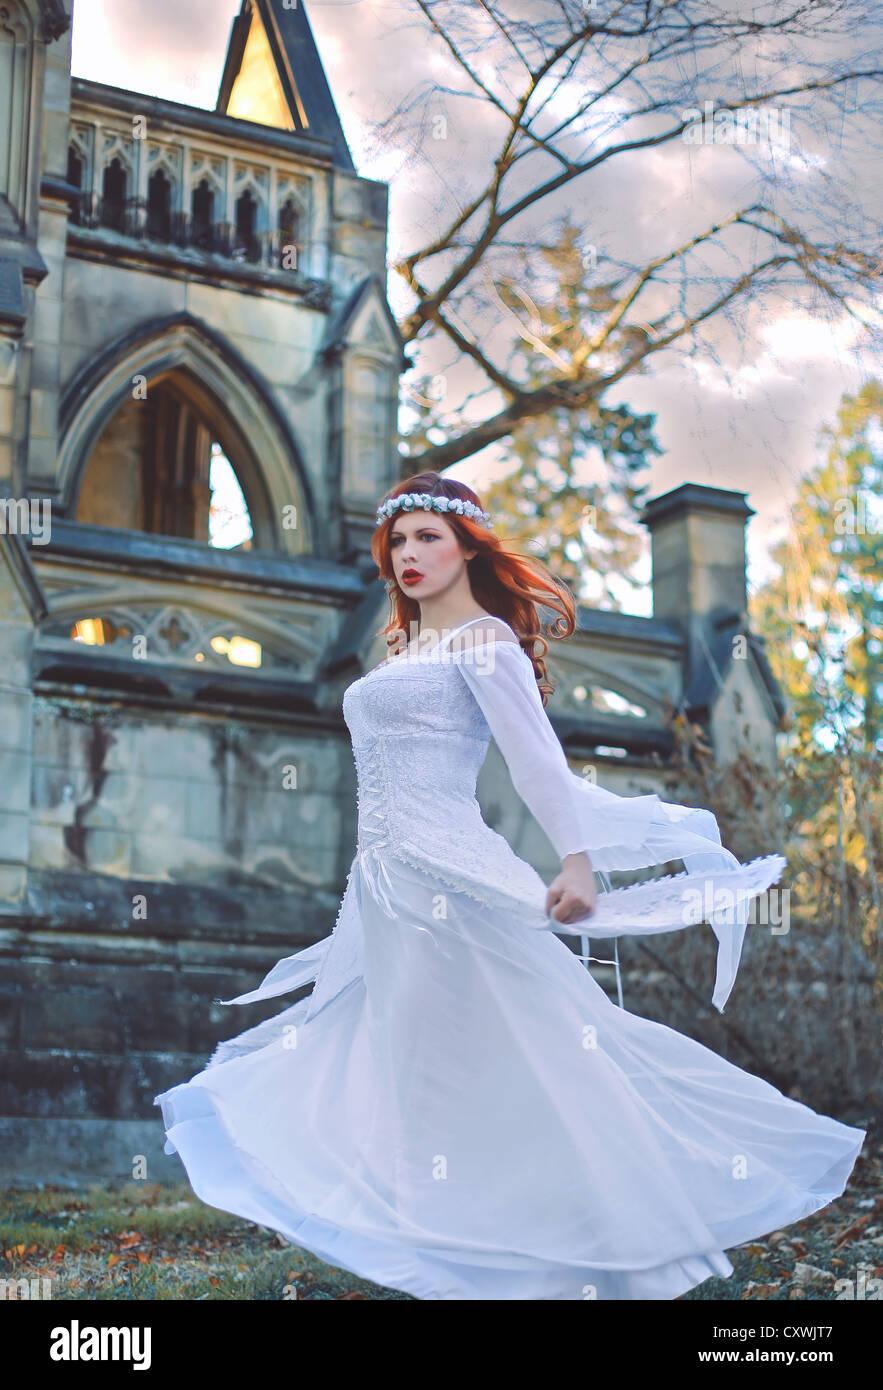 Zwirbelte Madchen Mit Roten Haaren Vor Einer Grossen Burg Tragt Ein